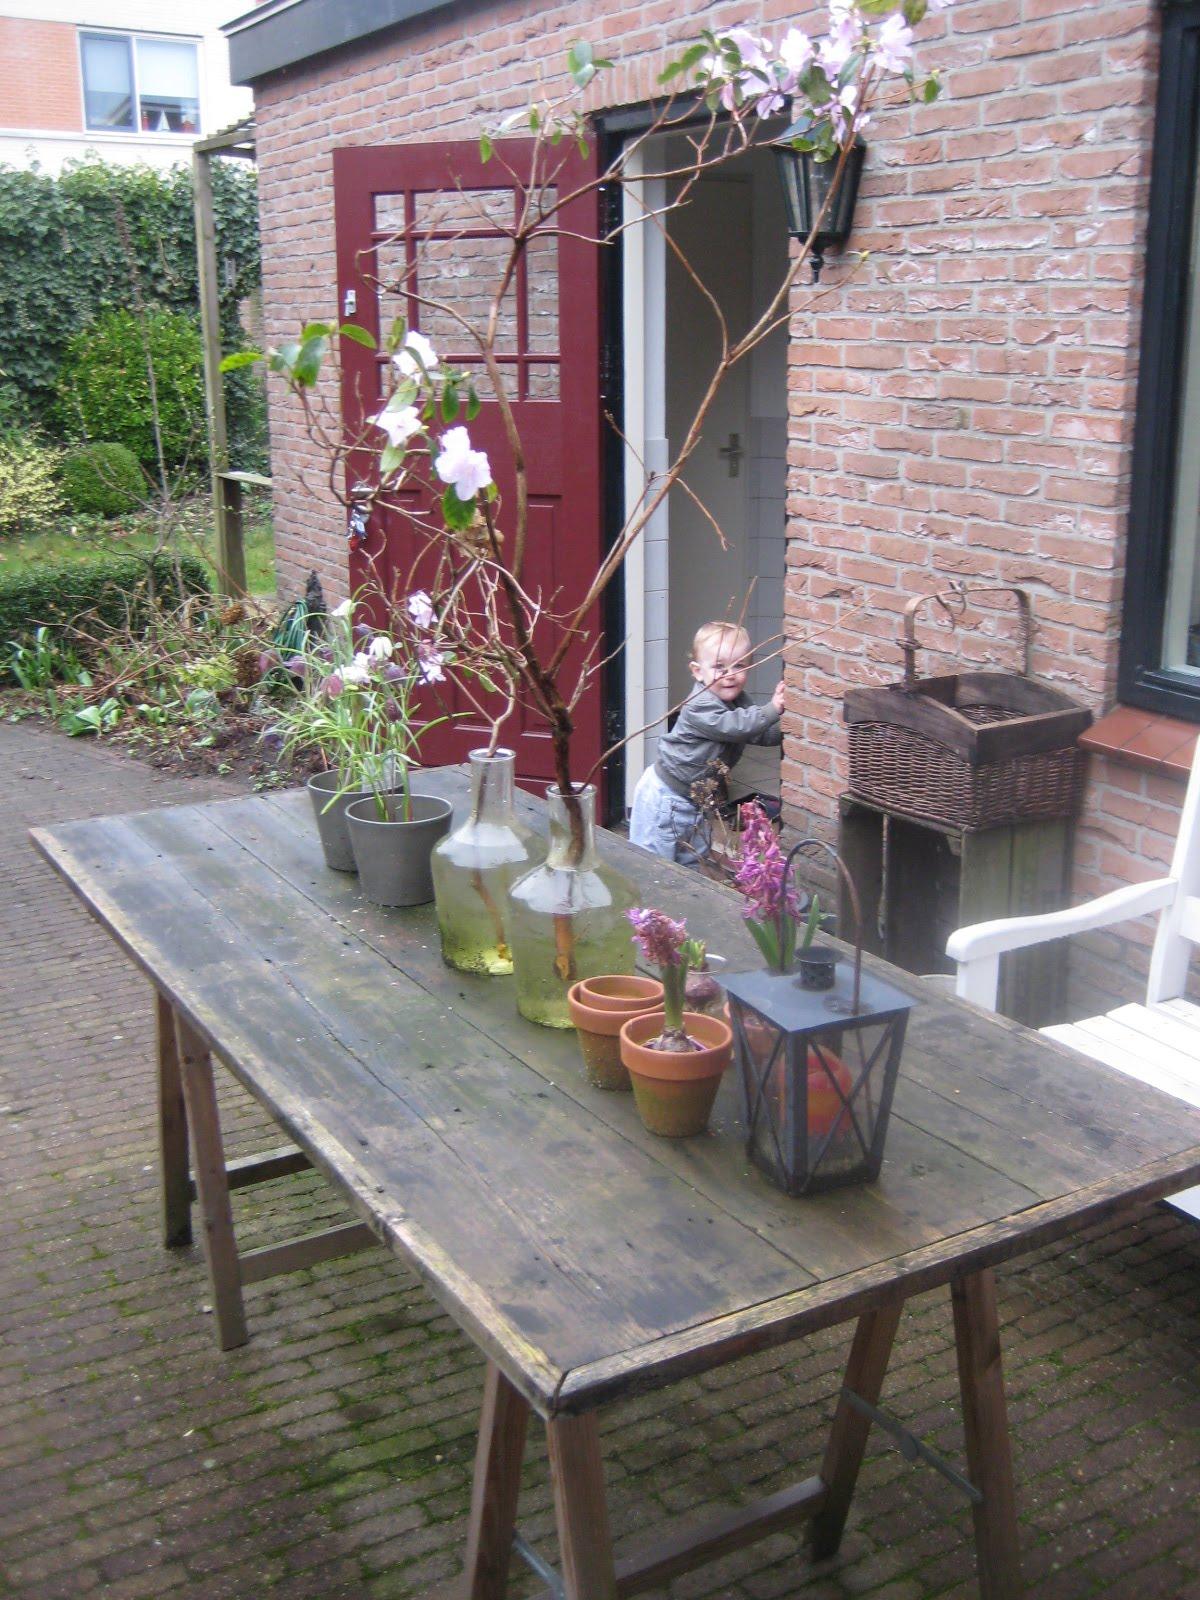 Home Kreatief - bouwen aan een warm nest: december 2010